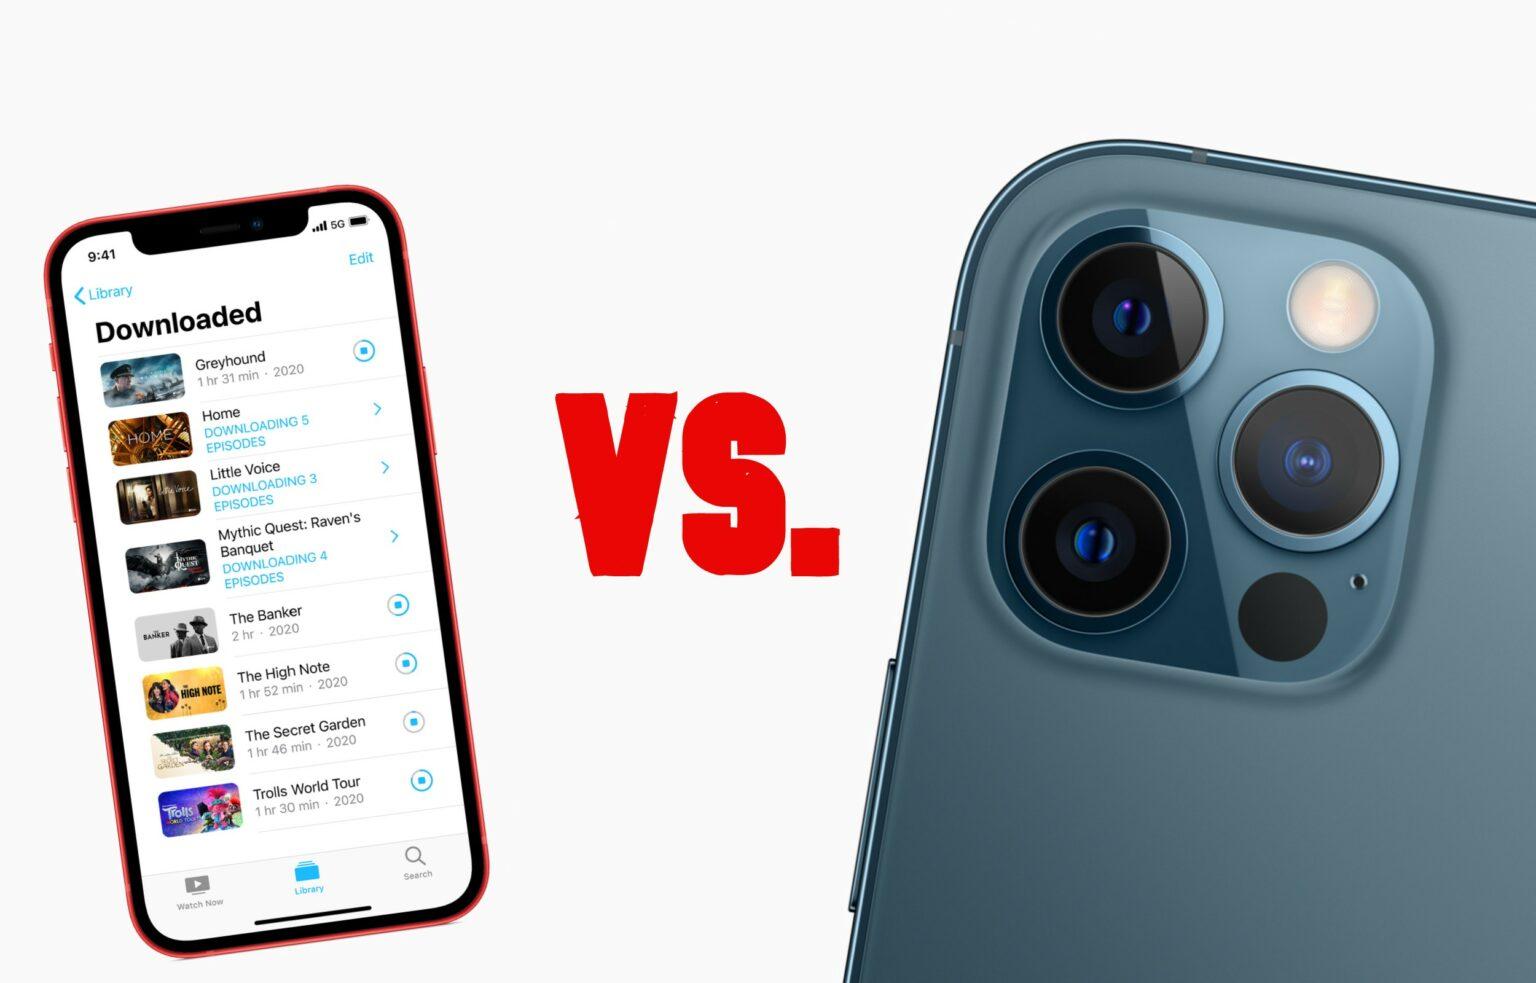 iPhone 12 mini versus iPhone 12 Pro Max: One of 2020's toughest decisions.